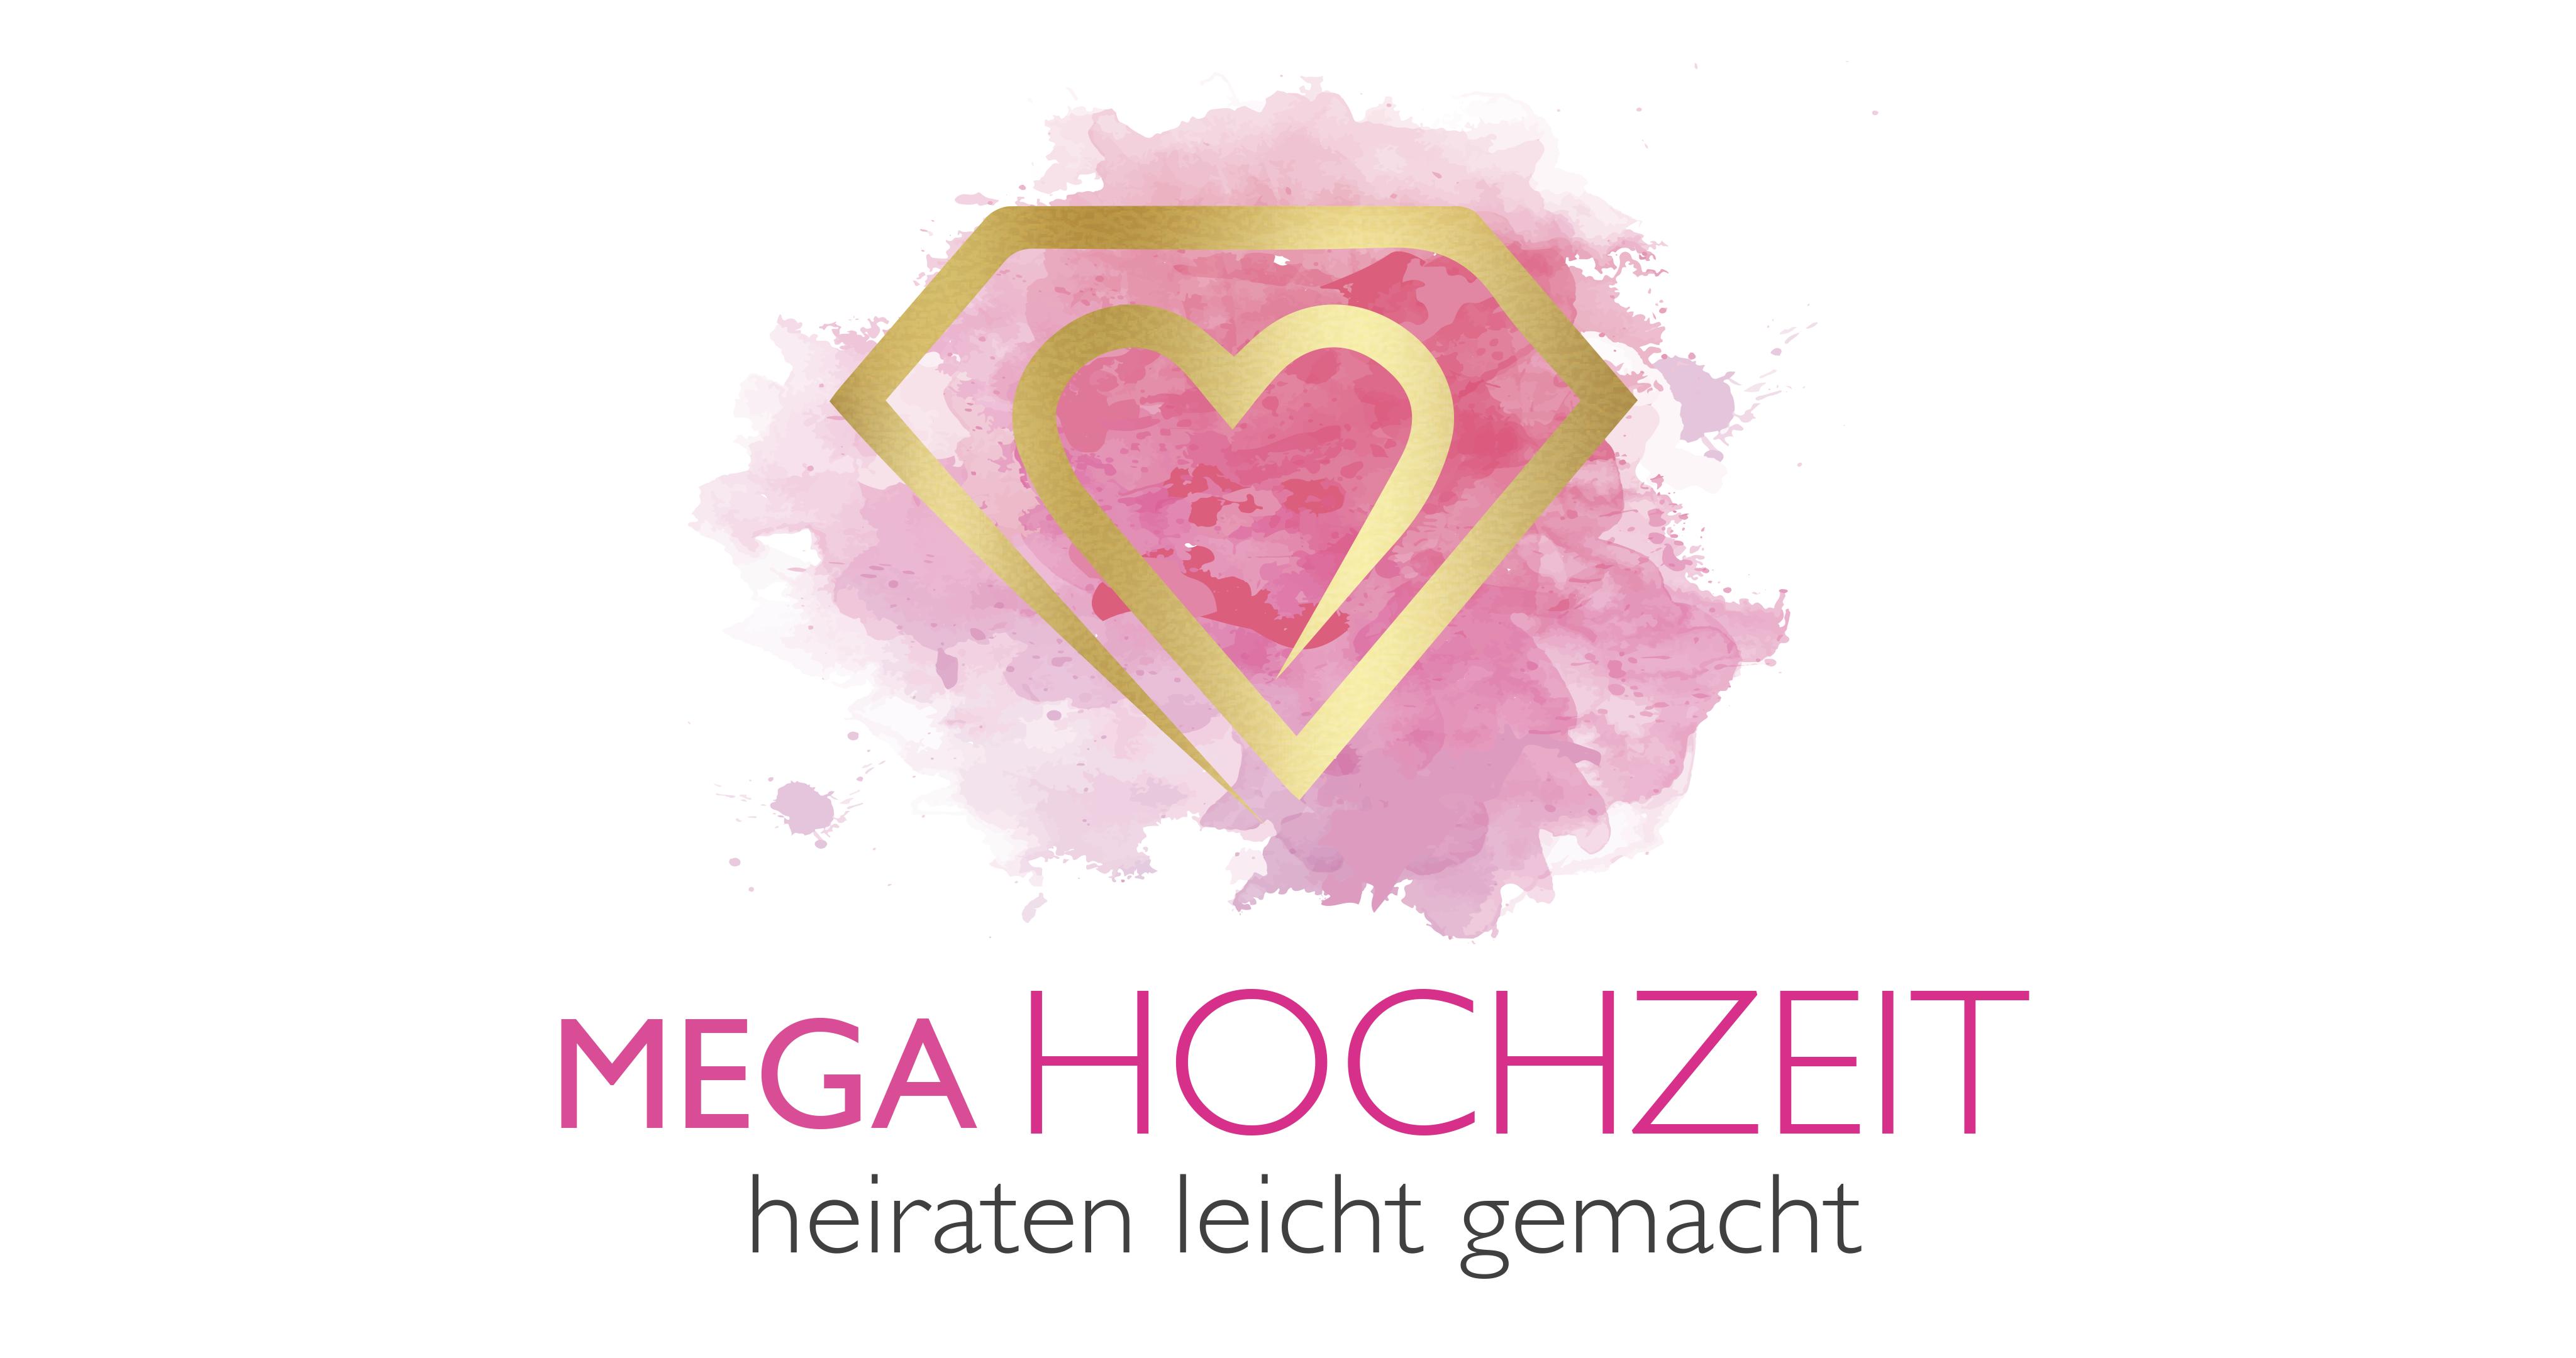 Megahochzeit